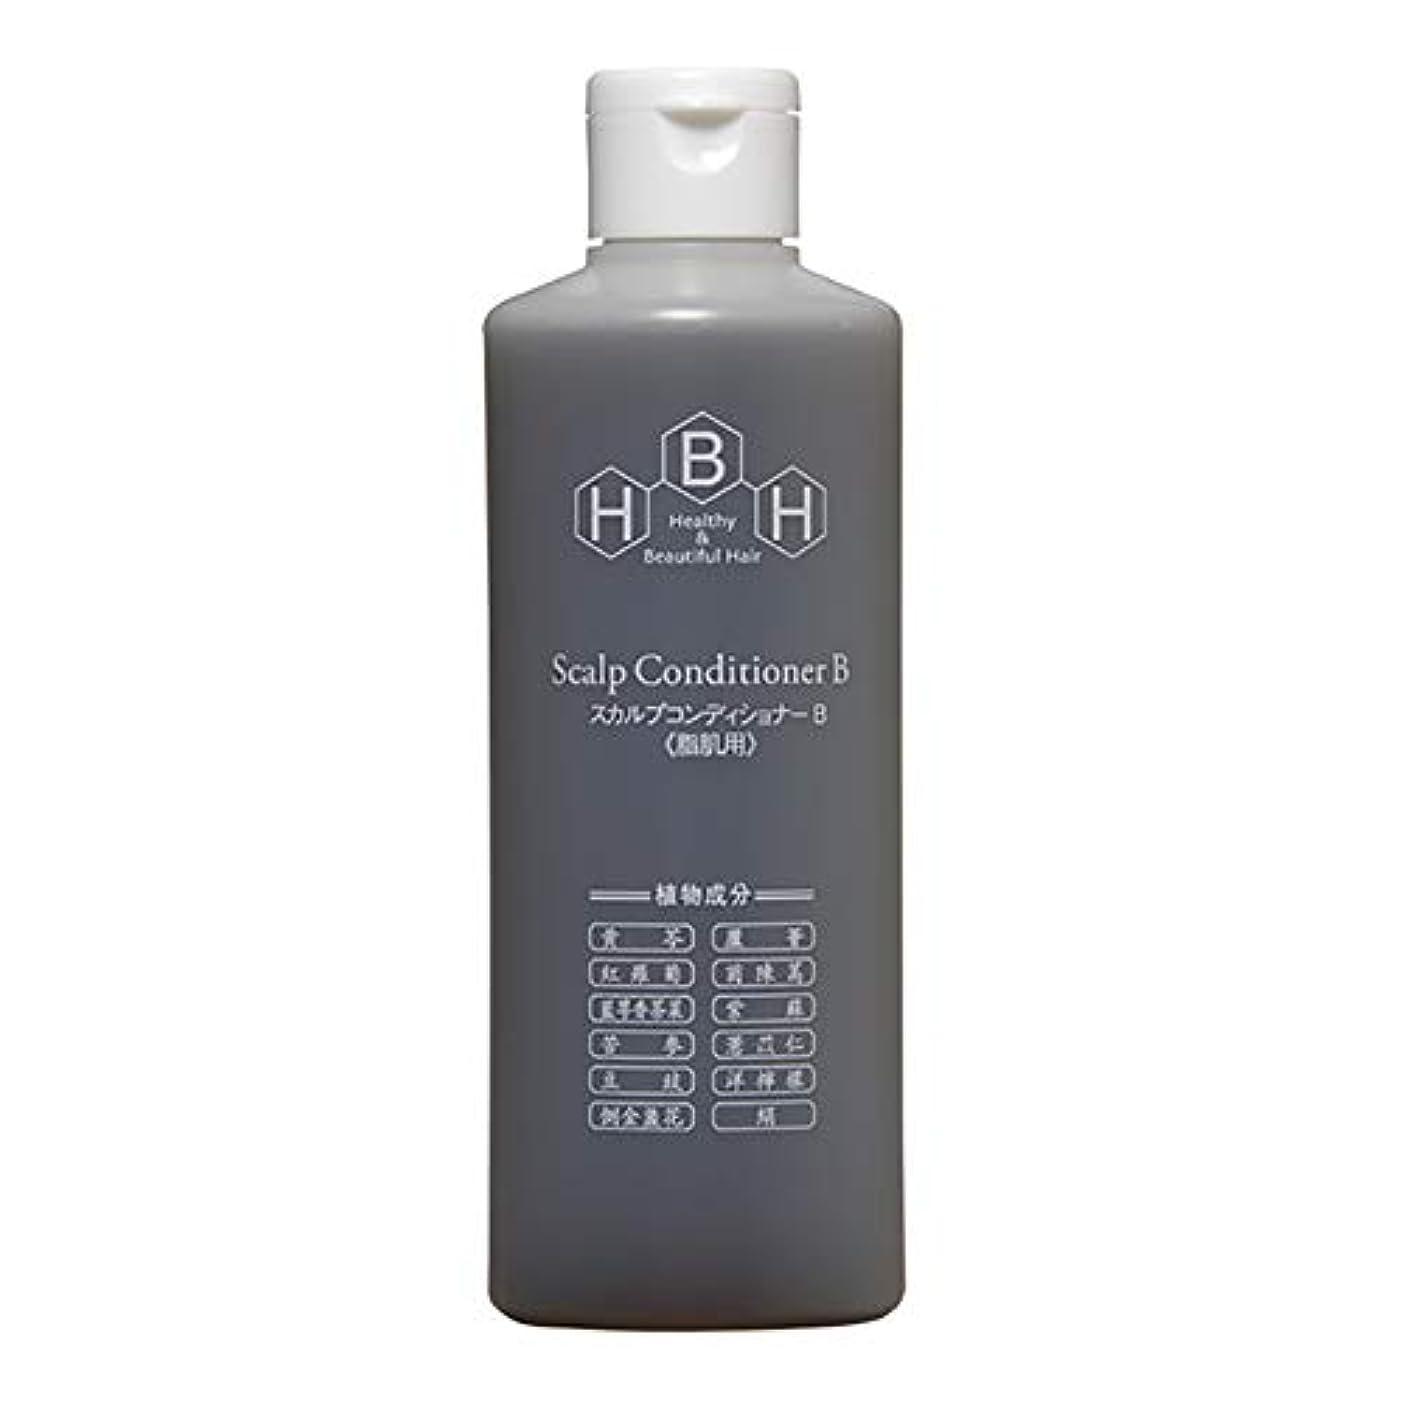 からに変化する説得バッグリーブ21 スカルプコンディショナーB 脂性肌用 300ml 育毛 コンディショナー 皮脂